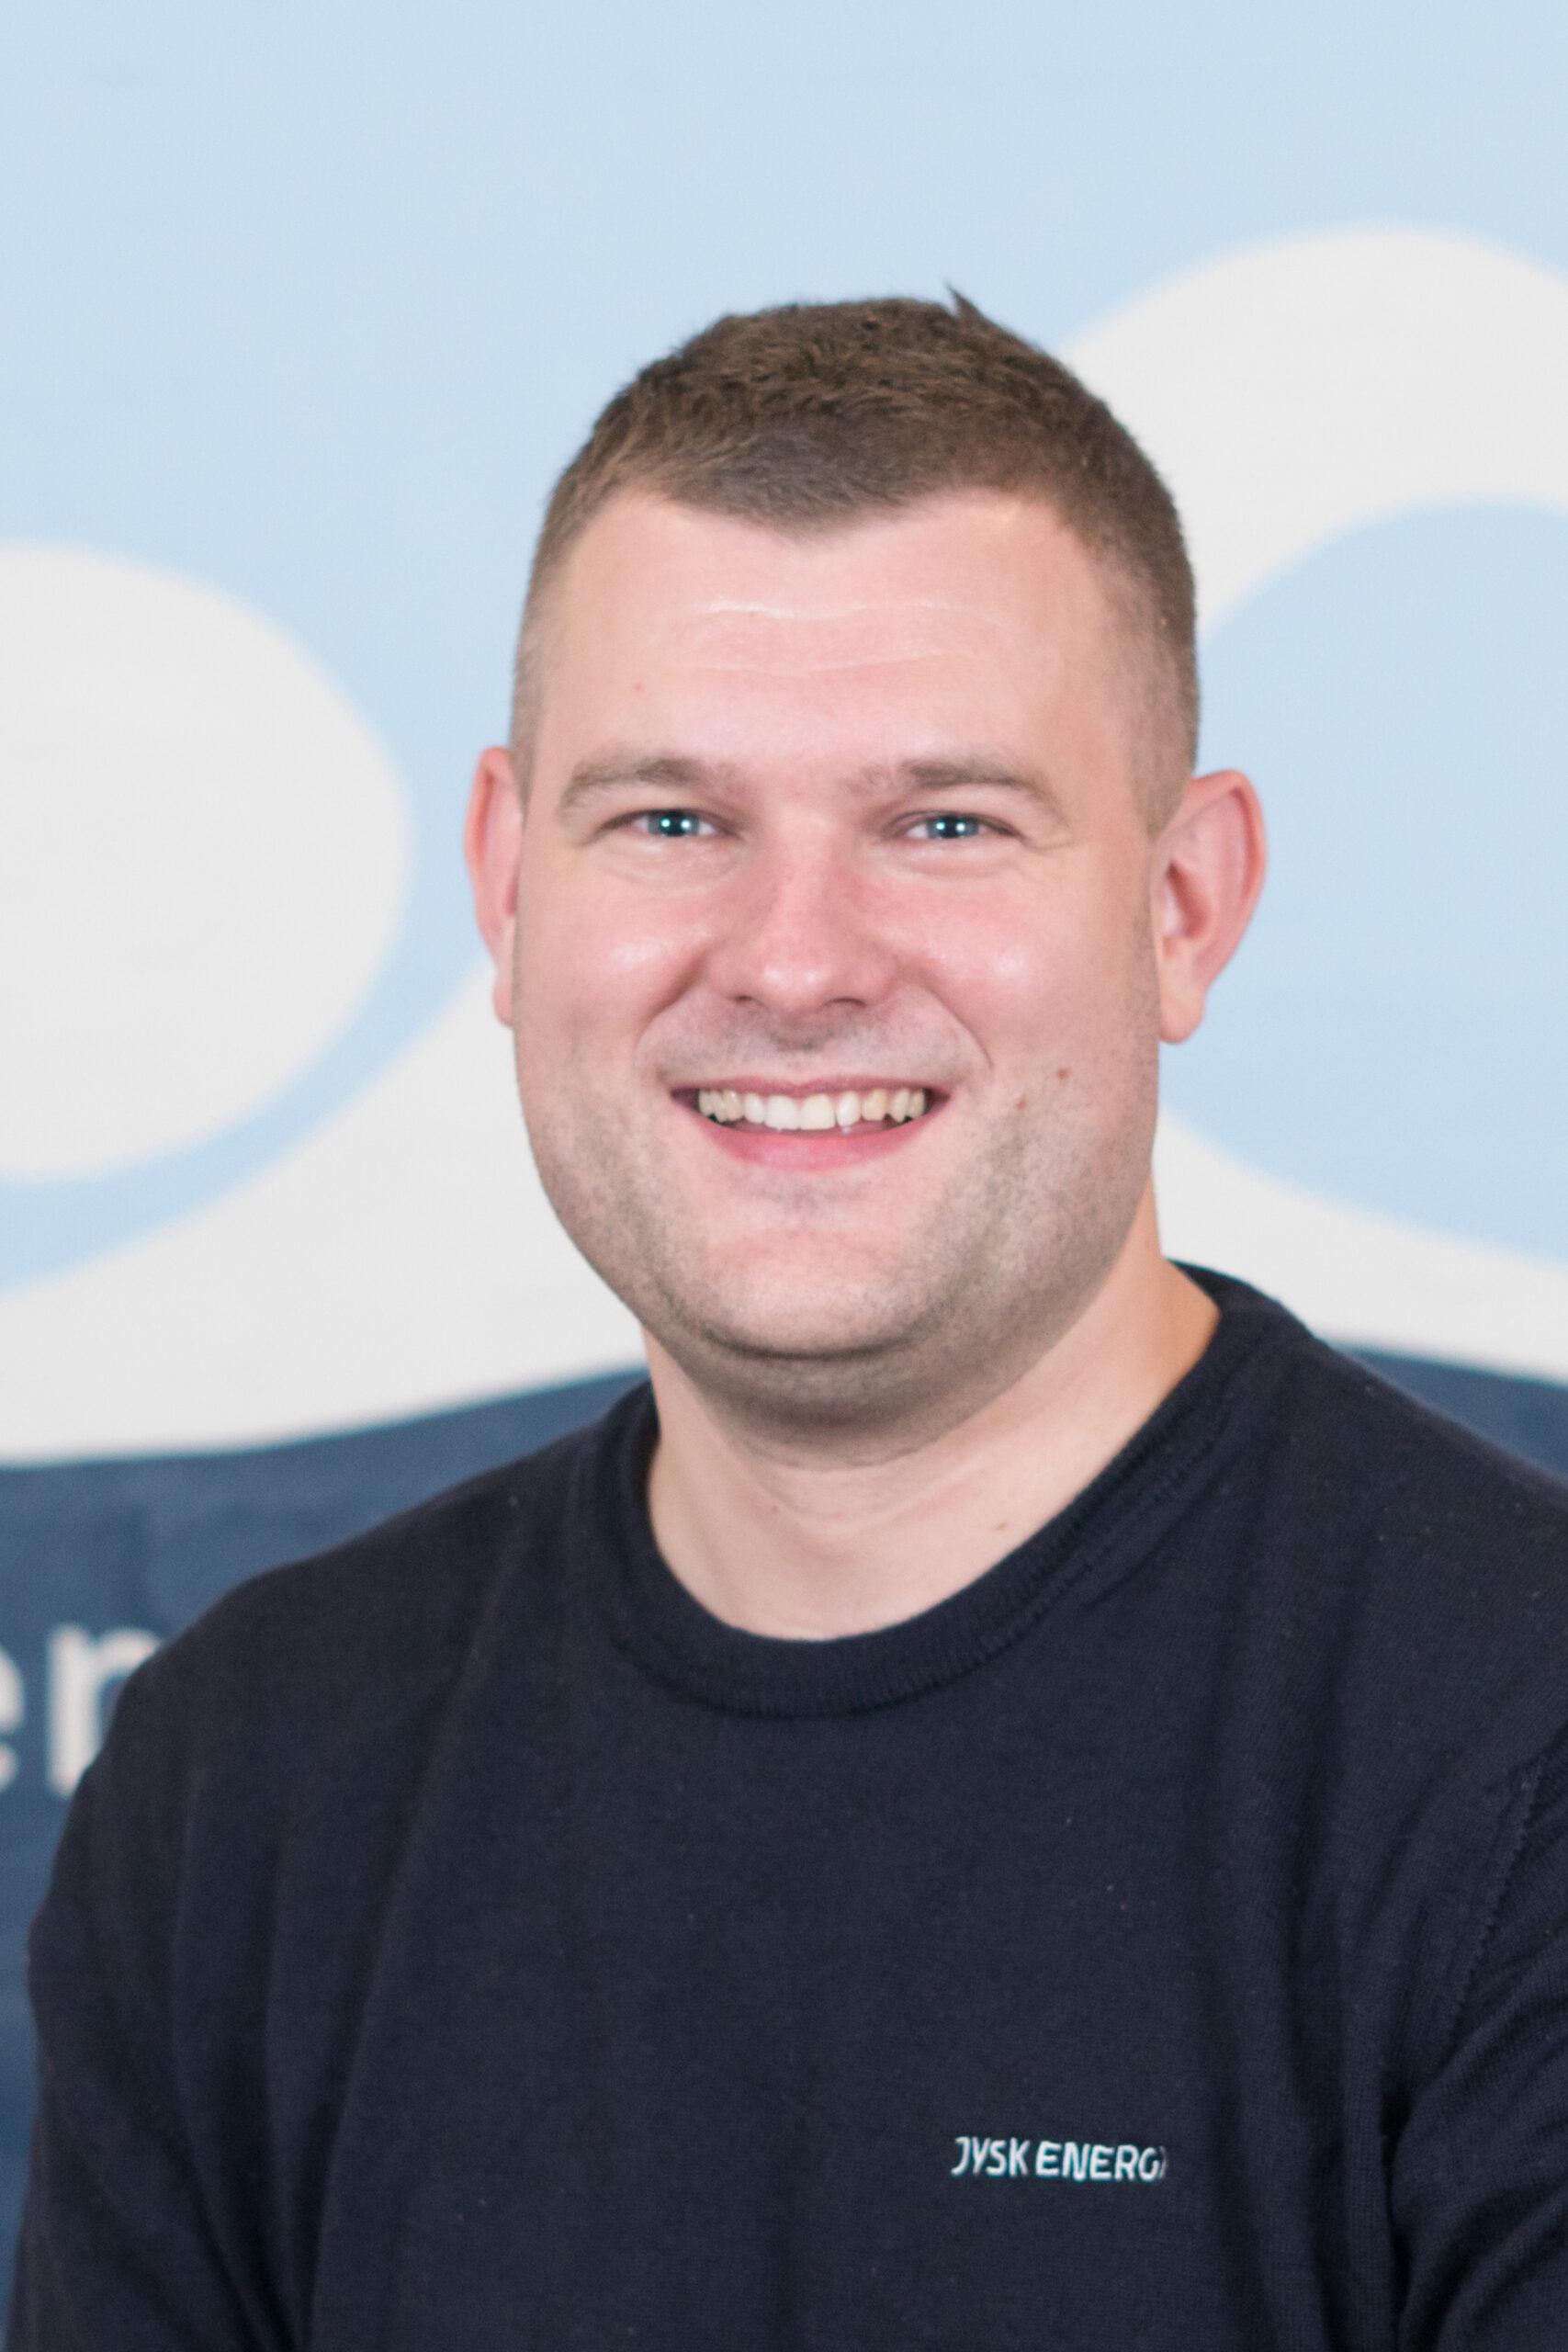 Søren Vendelboe